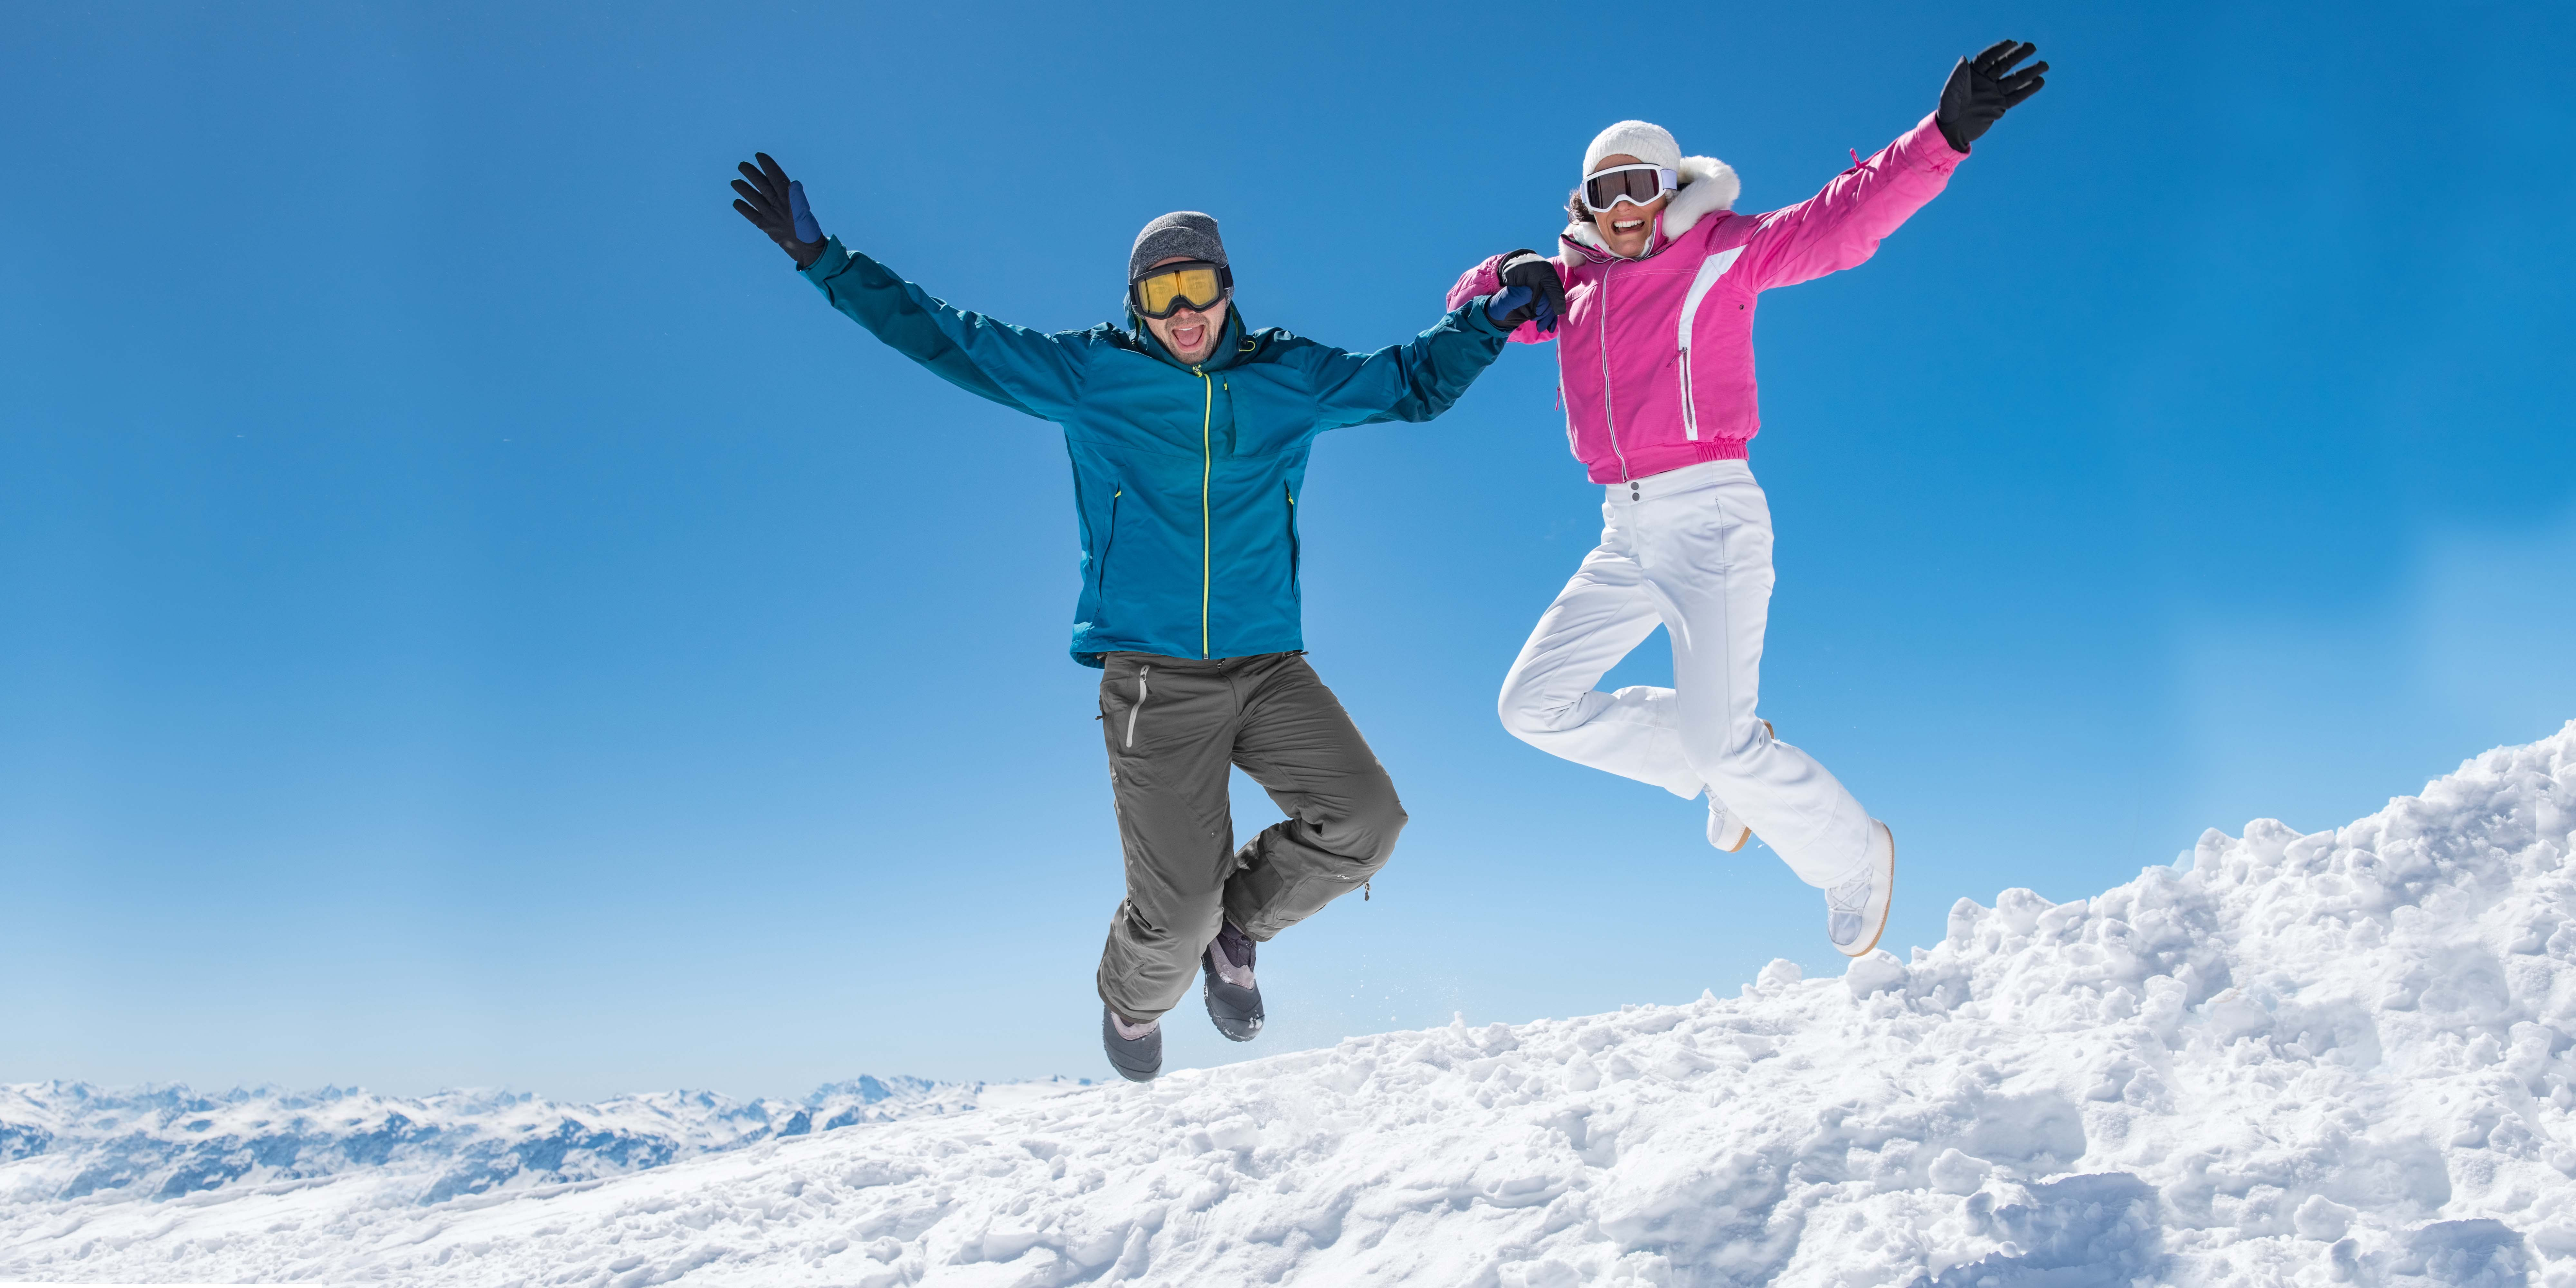 pareja salta sobre la nieve celebrando el inicio de la temporada de esqui